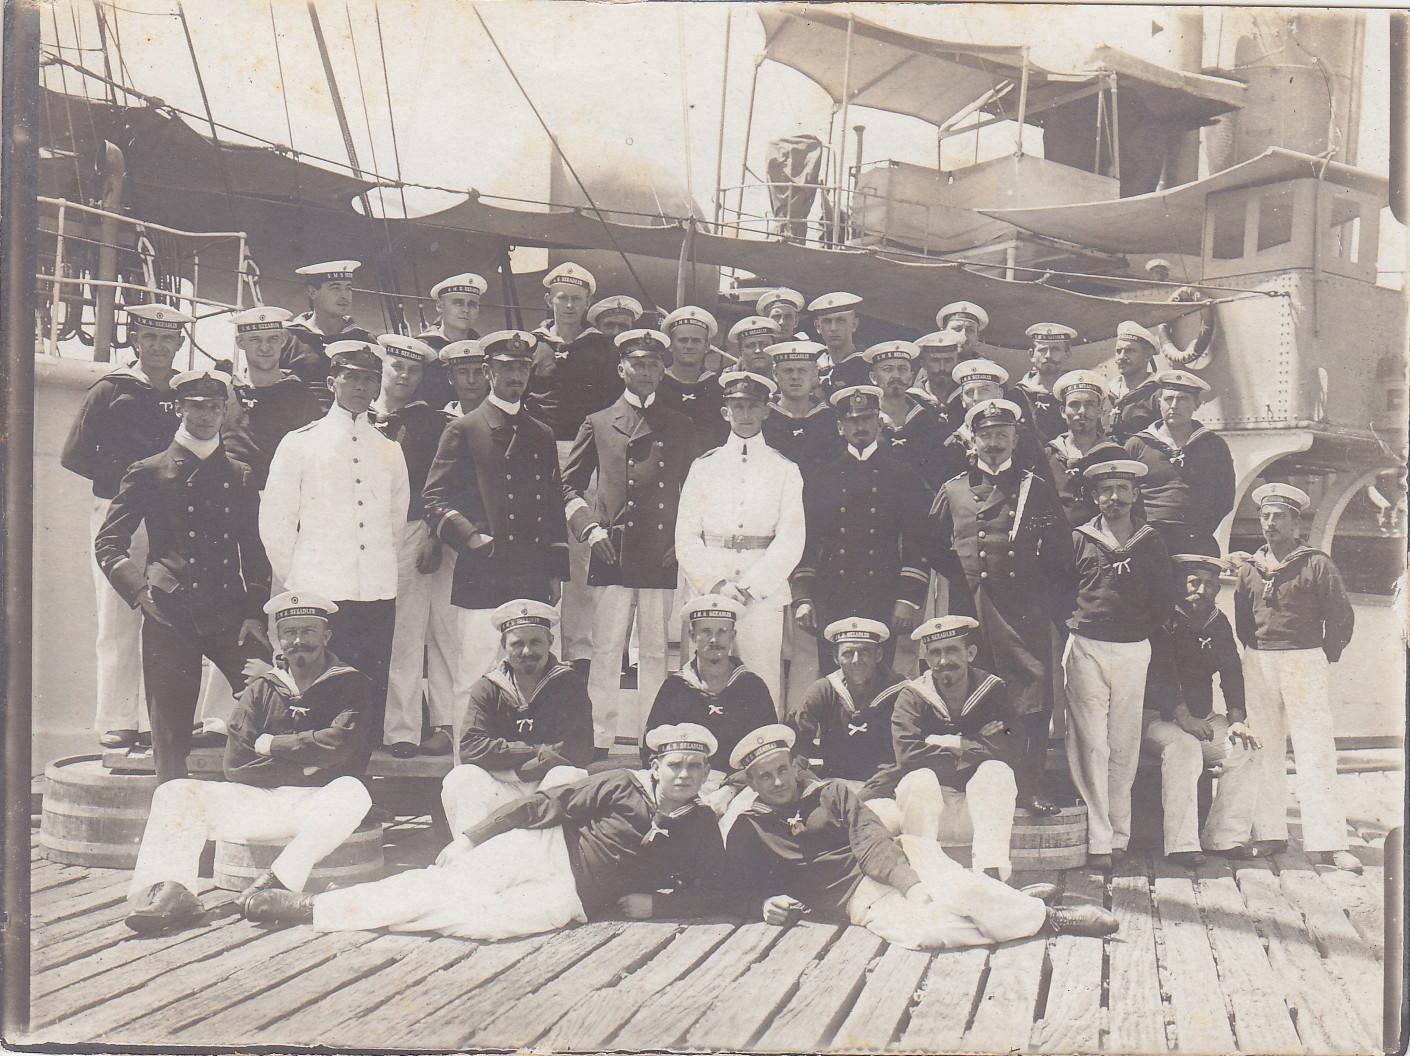 Offzier- und Unteroffizierkorps an der Pier in Kapstadt 1912 - Kommandant Graf von Oeynhausen